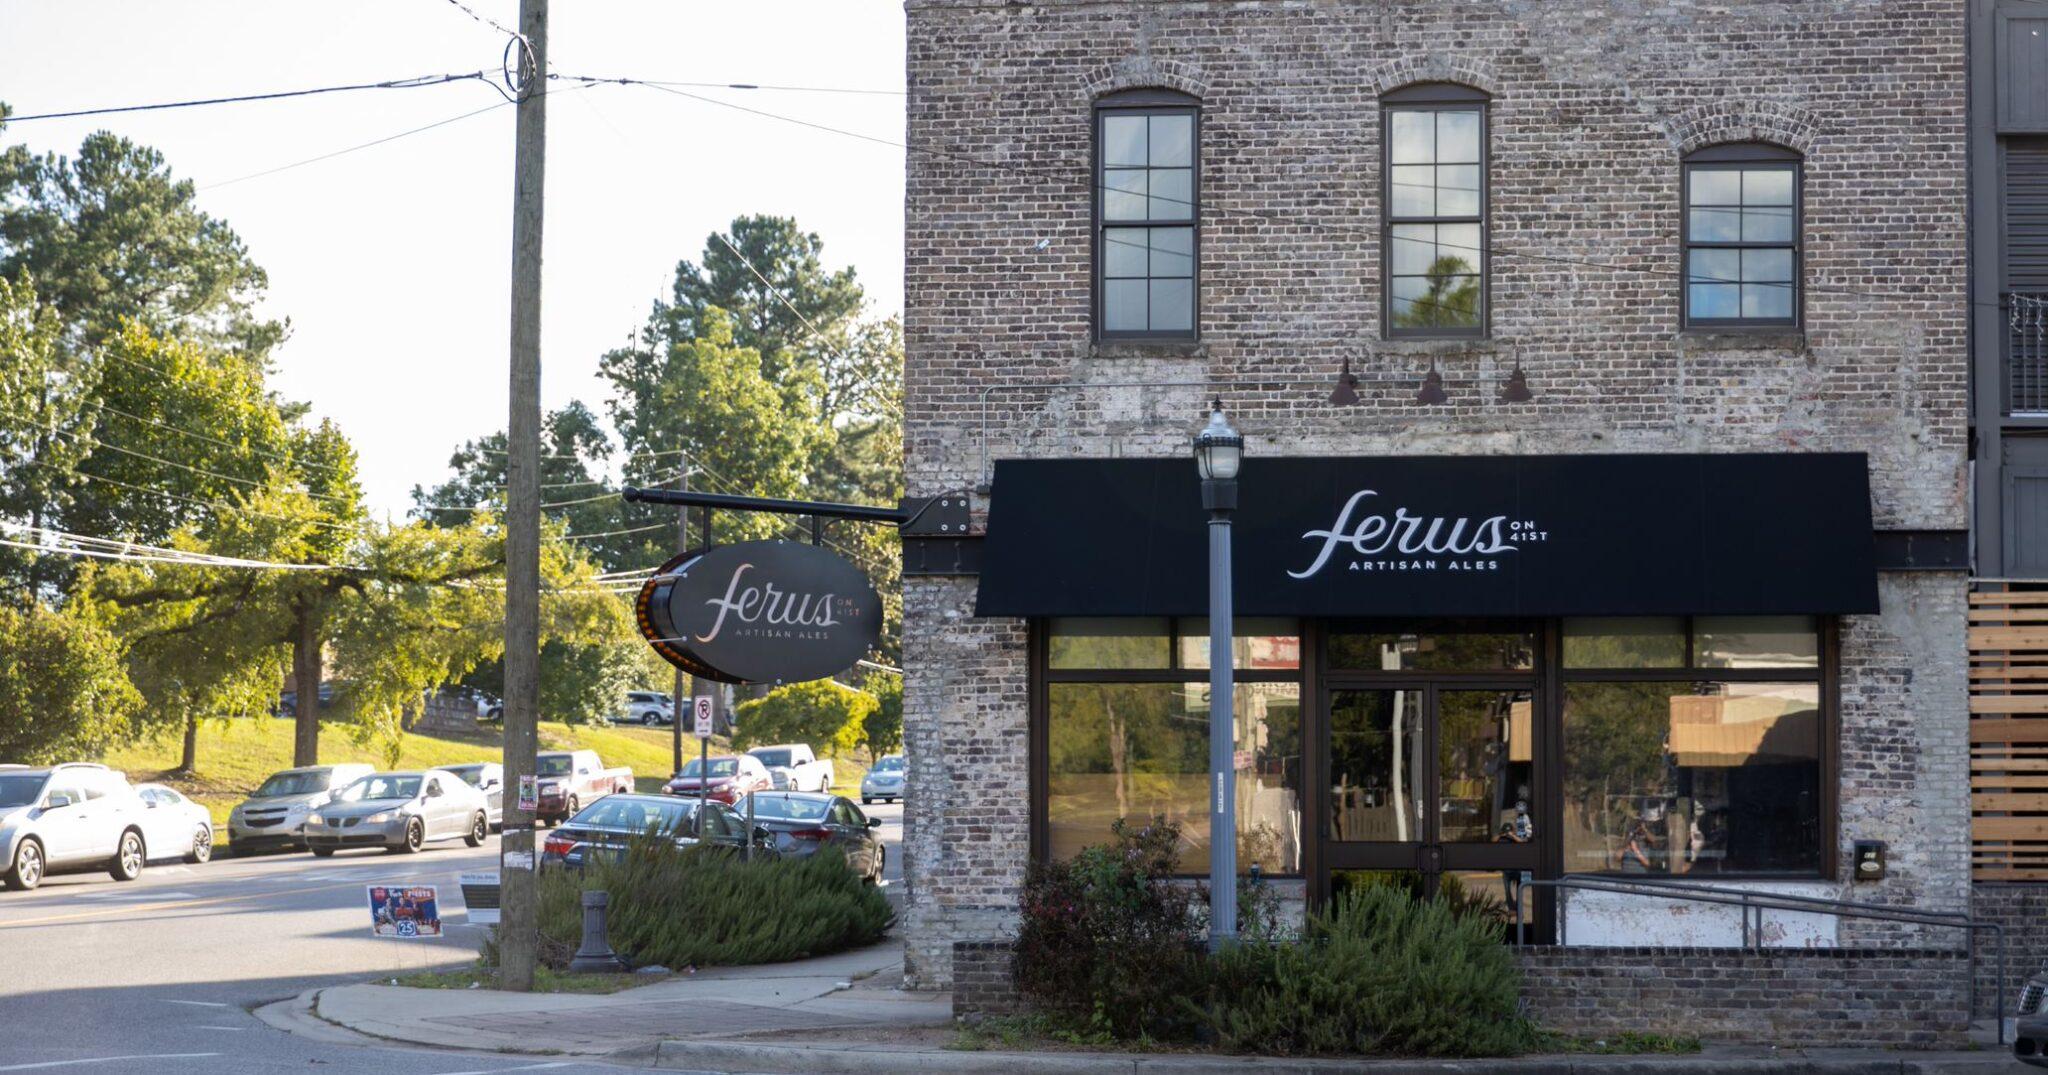 NOW OPEN: A sneak peek inside Ferus on 41st in Avondale